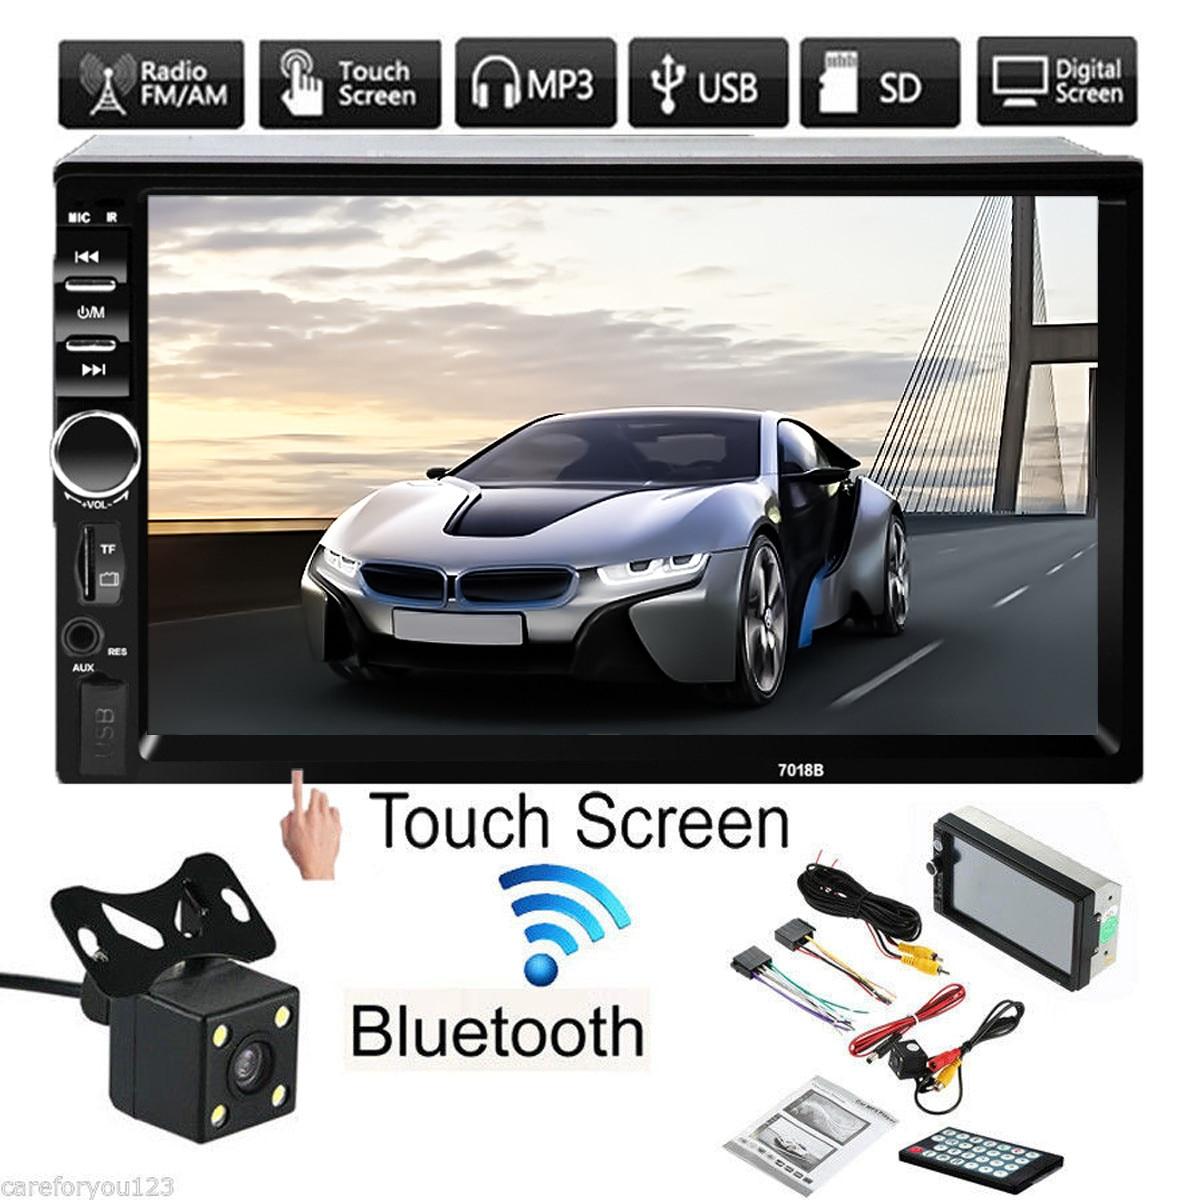 Lecteur radio de voiture à écran tactile LCD 7